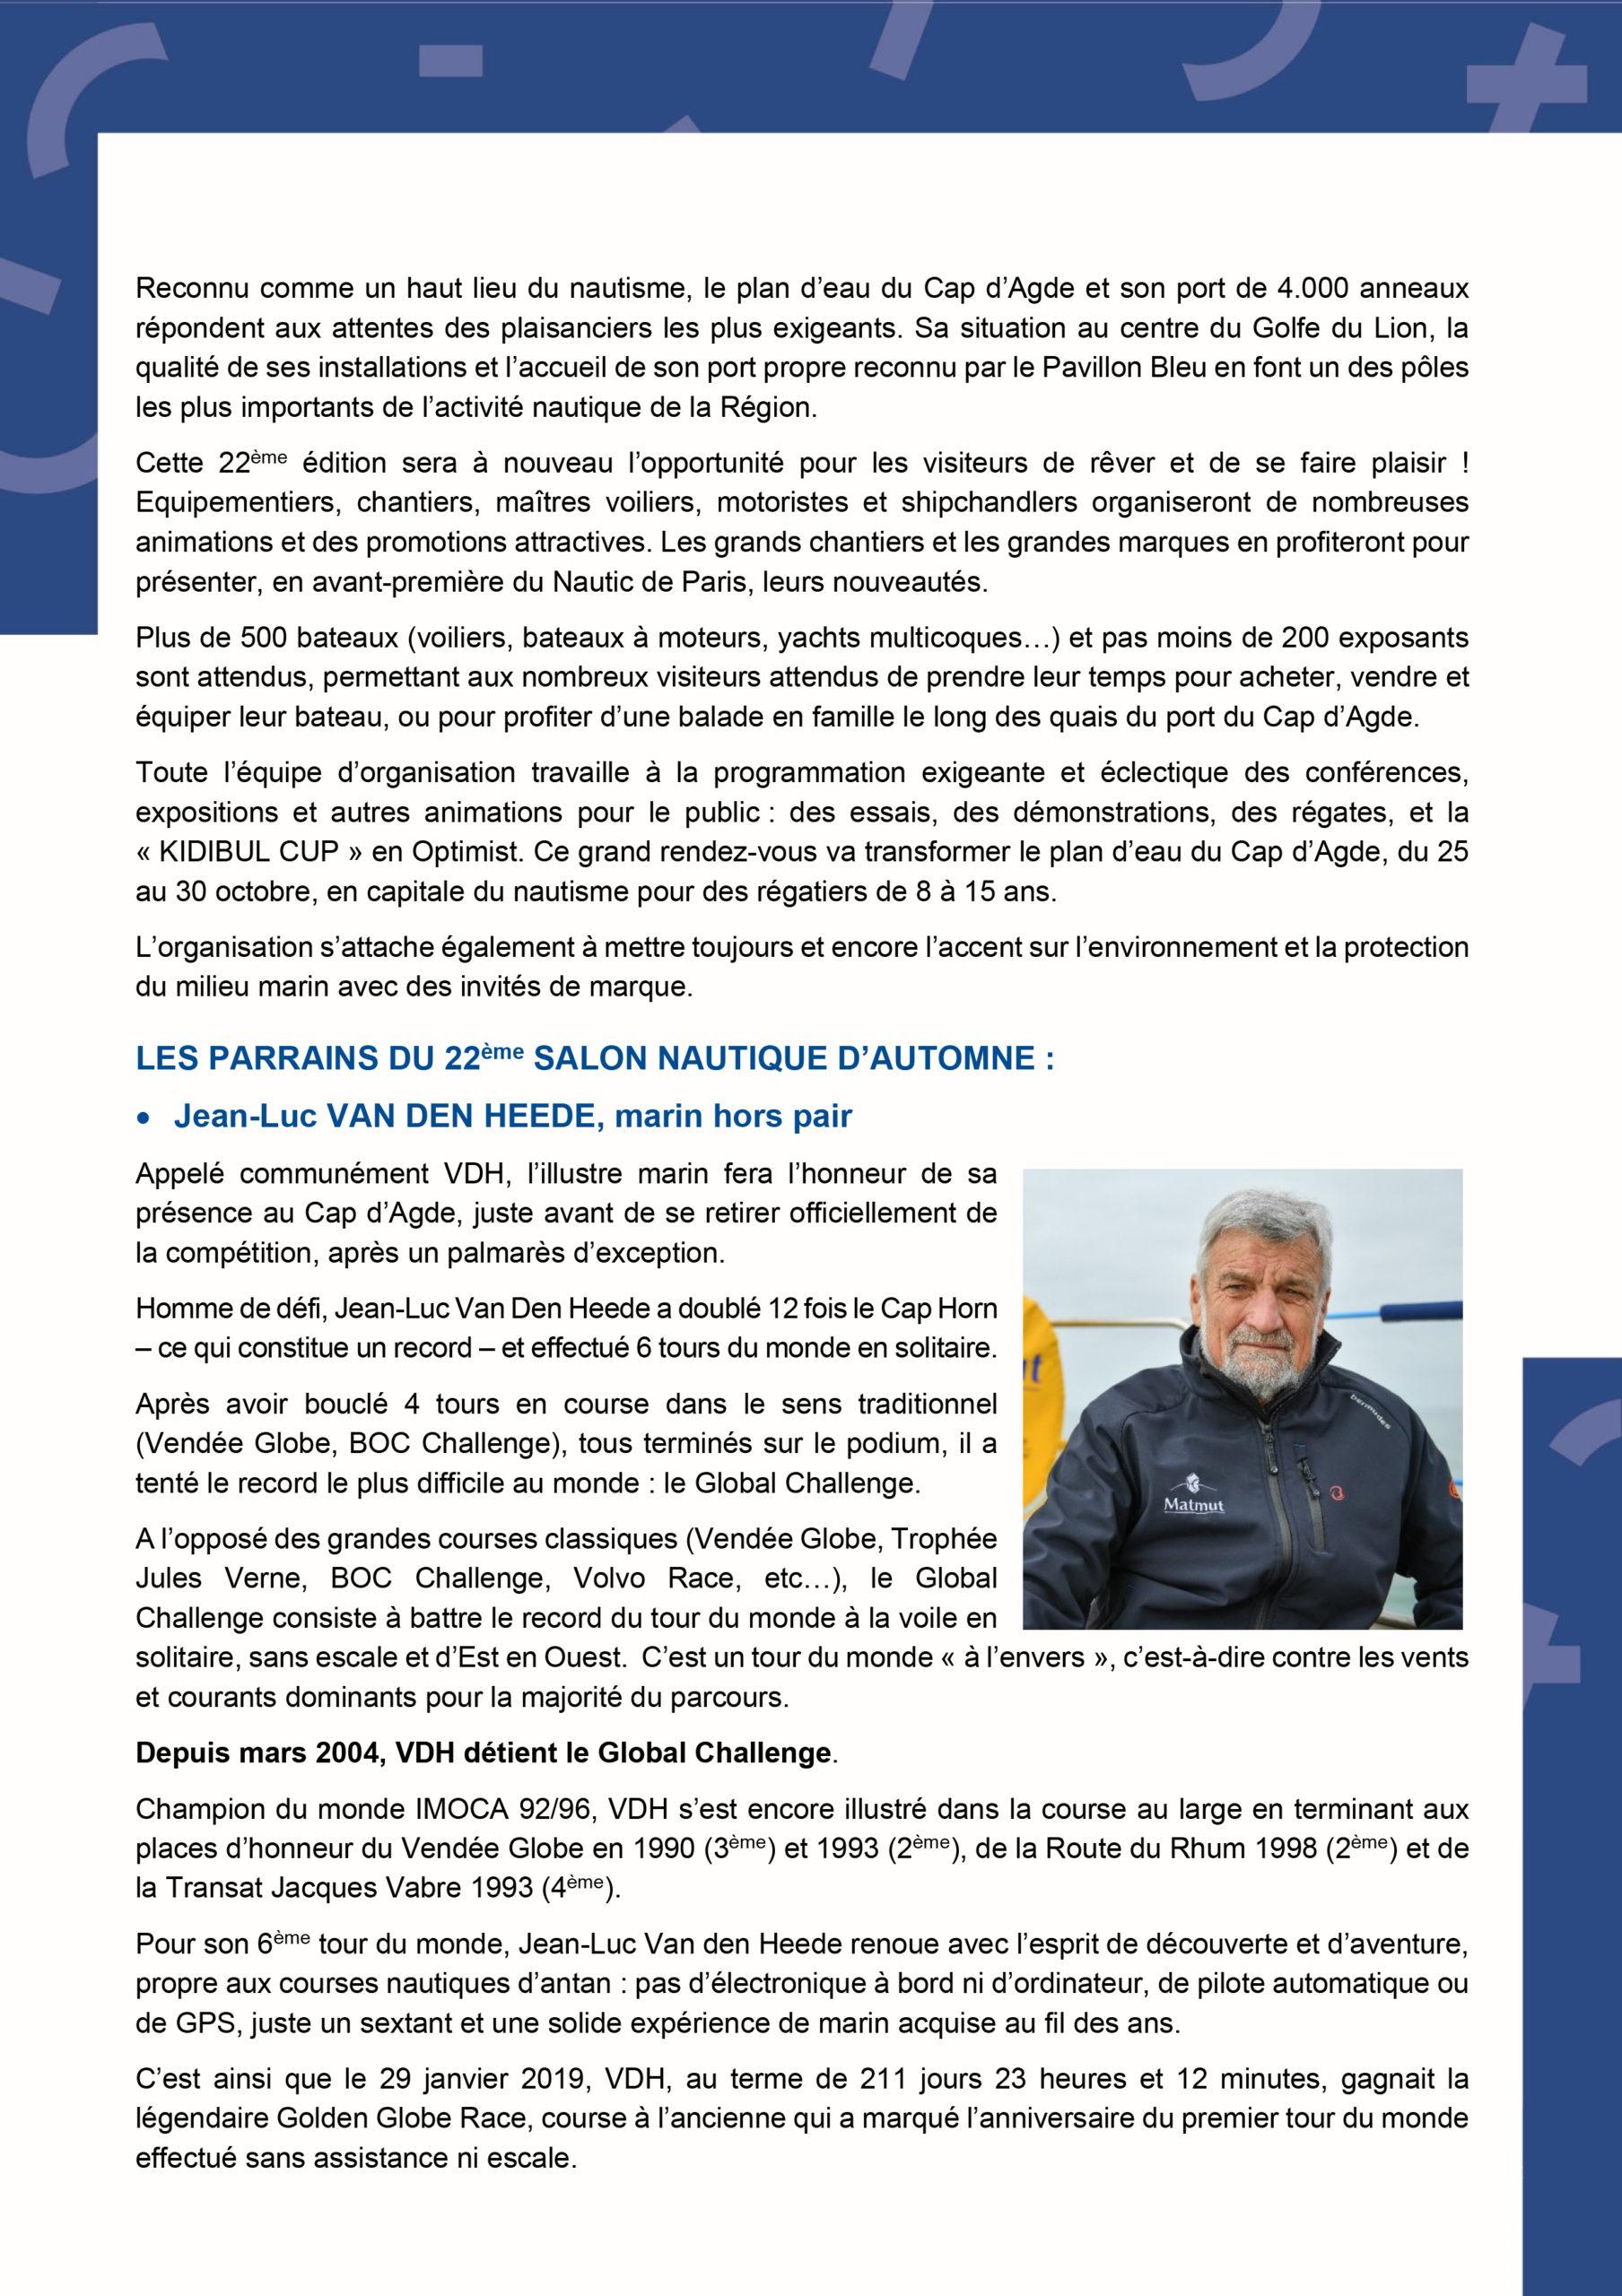 Microsoft Word - 21-014 Parrains Salon Nautique Automne